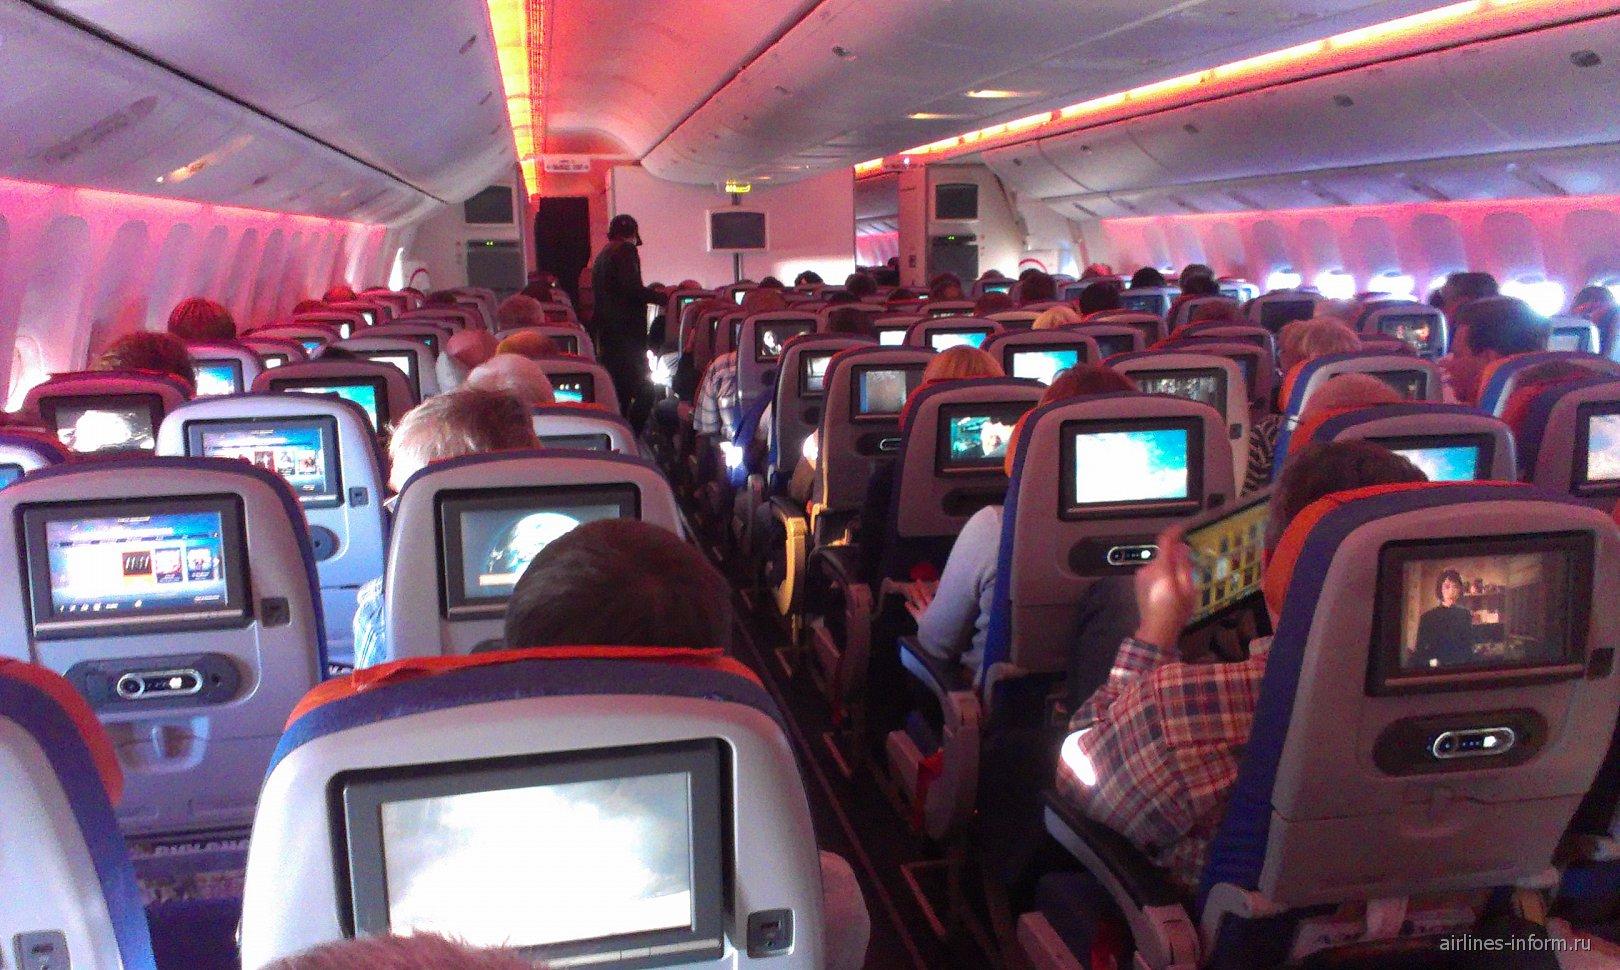 Салон эконом-класса в самолете Боинг-777-300 Аэрофлота